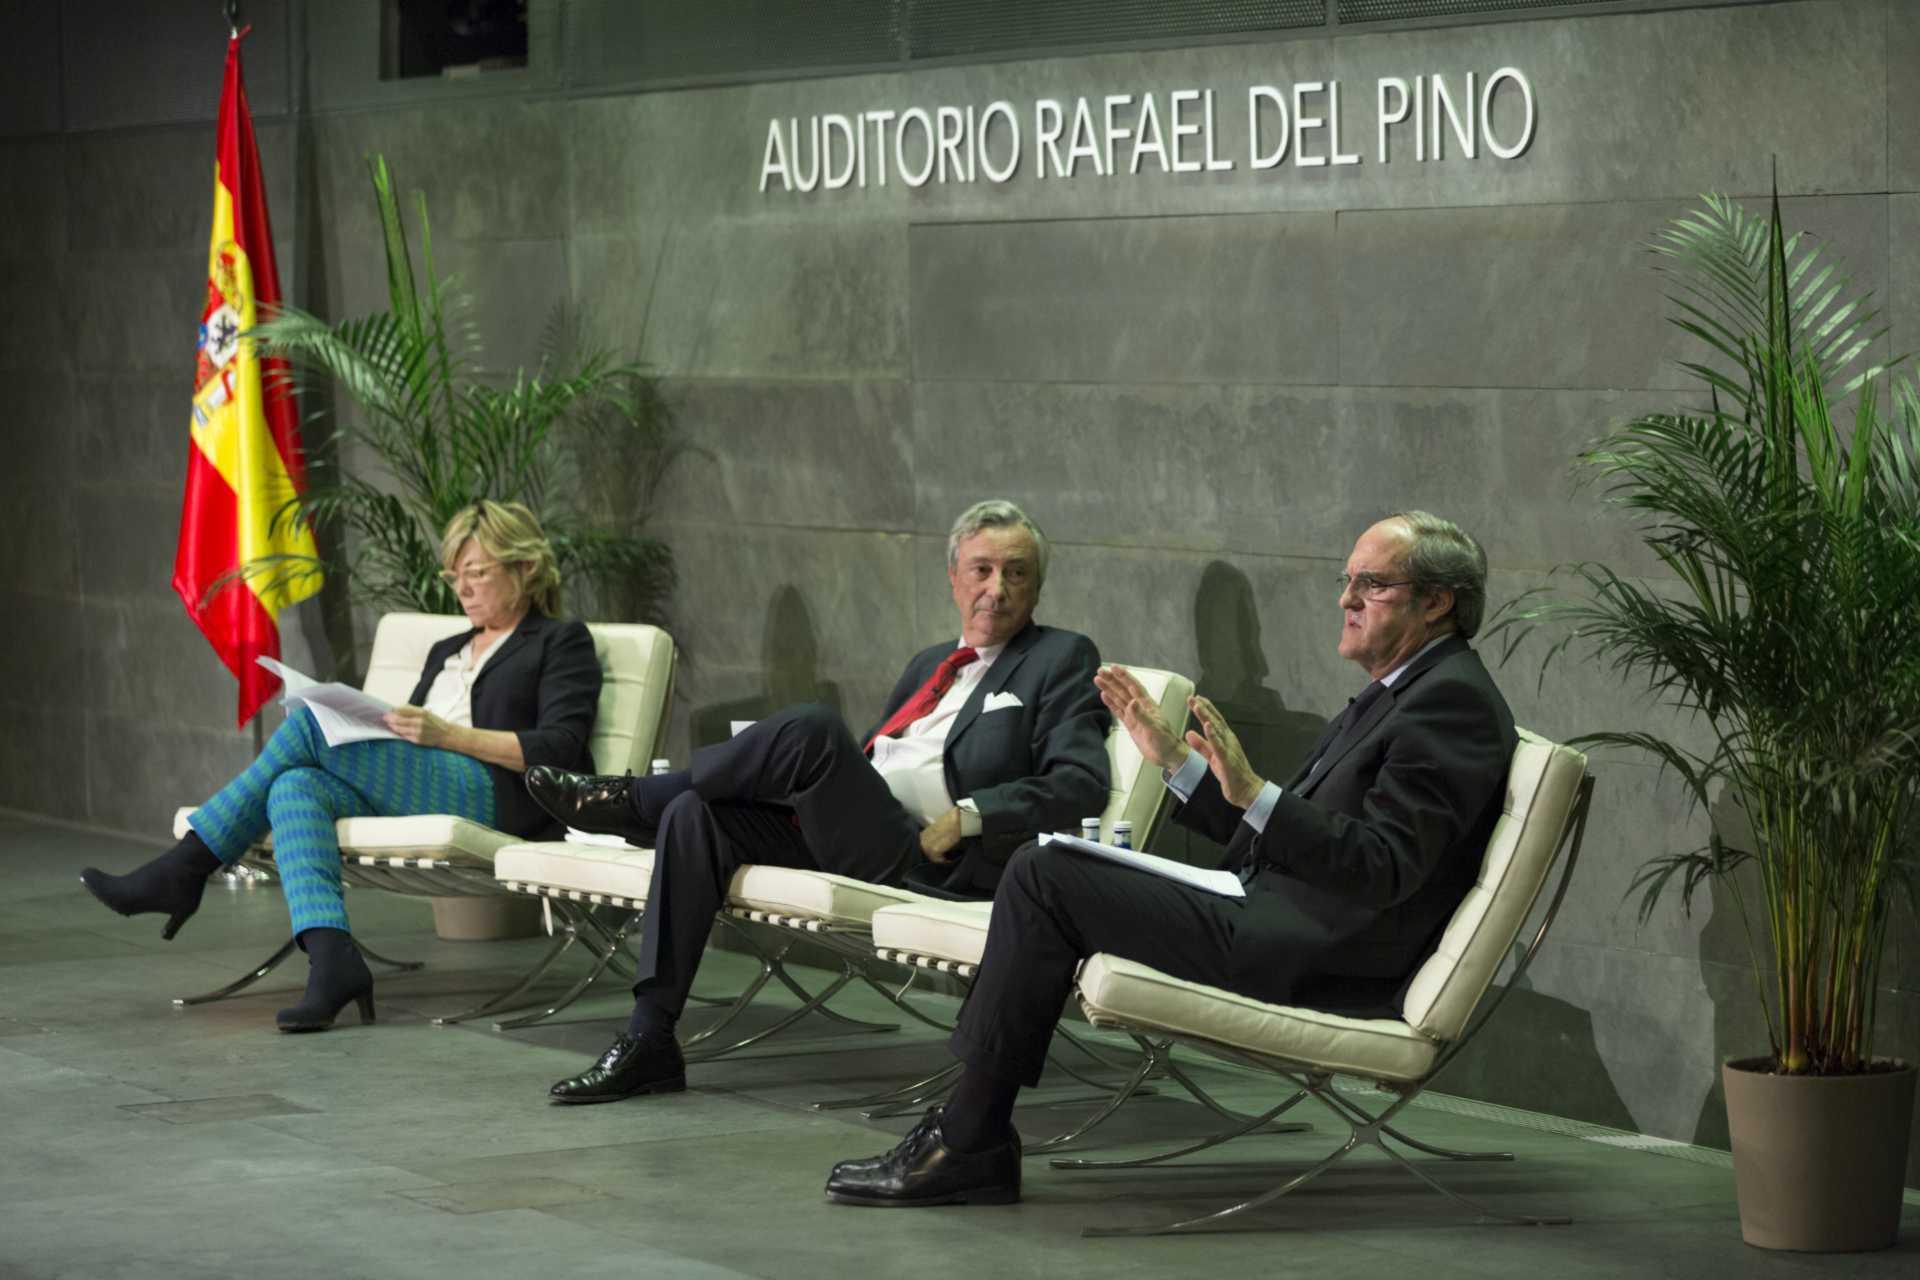 """La Fundación Rafael del Pino acoge la conferencia de clausura del ciclo:  """"Educación, Tema de Estado"""". Con Pilar del Castillo, Ángel Gabilondo,  y Jorge Dezcallar  moderando. En Madrid ,27 de octubre de 2014."""